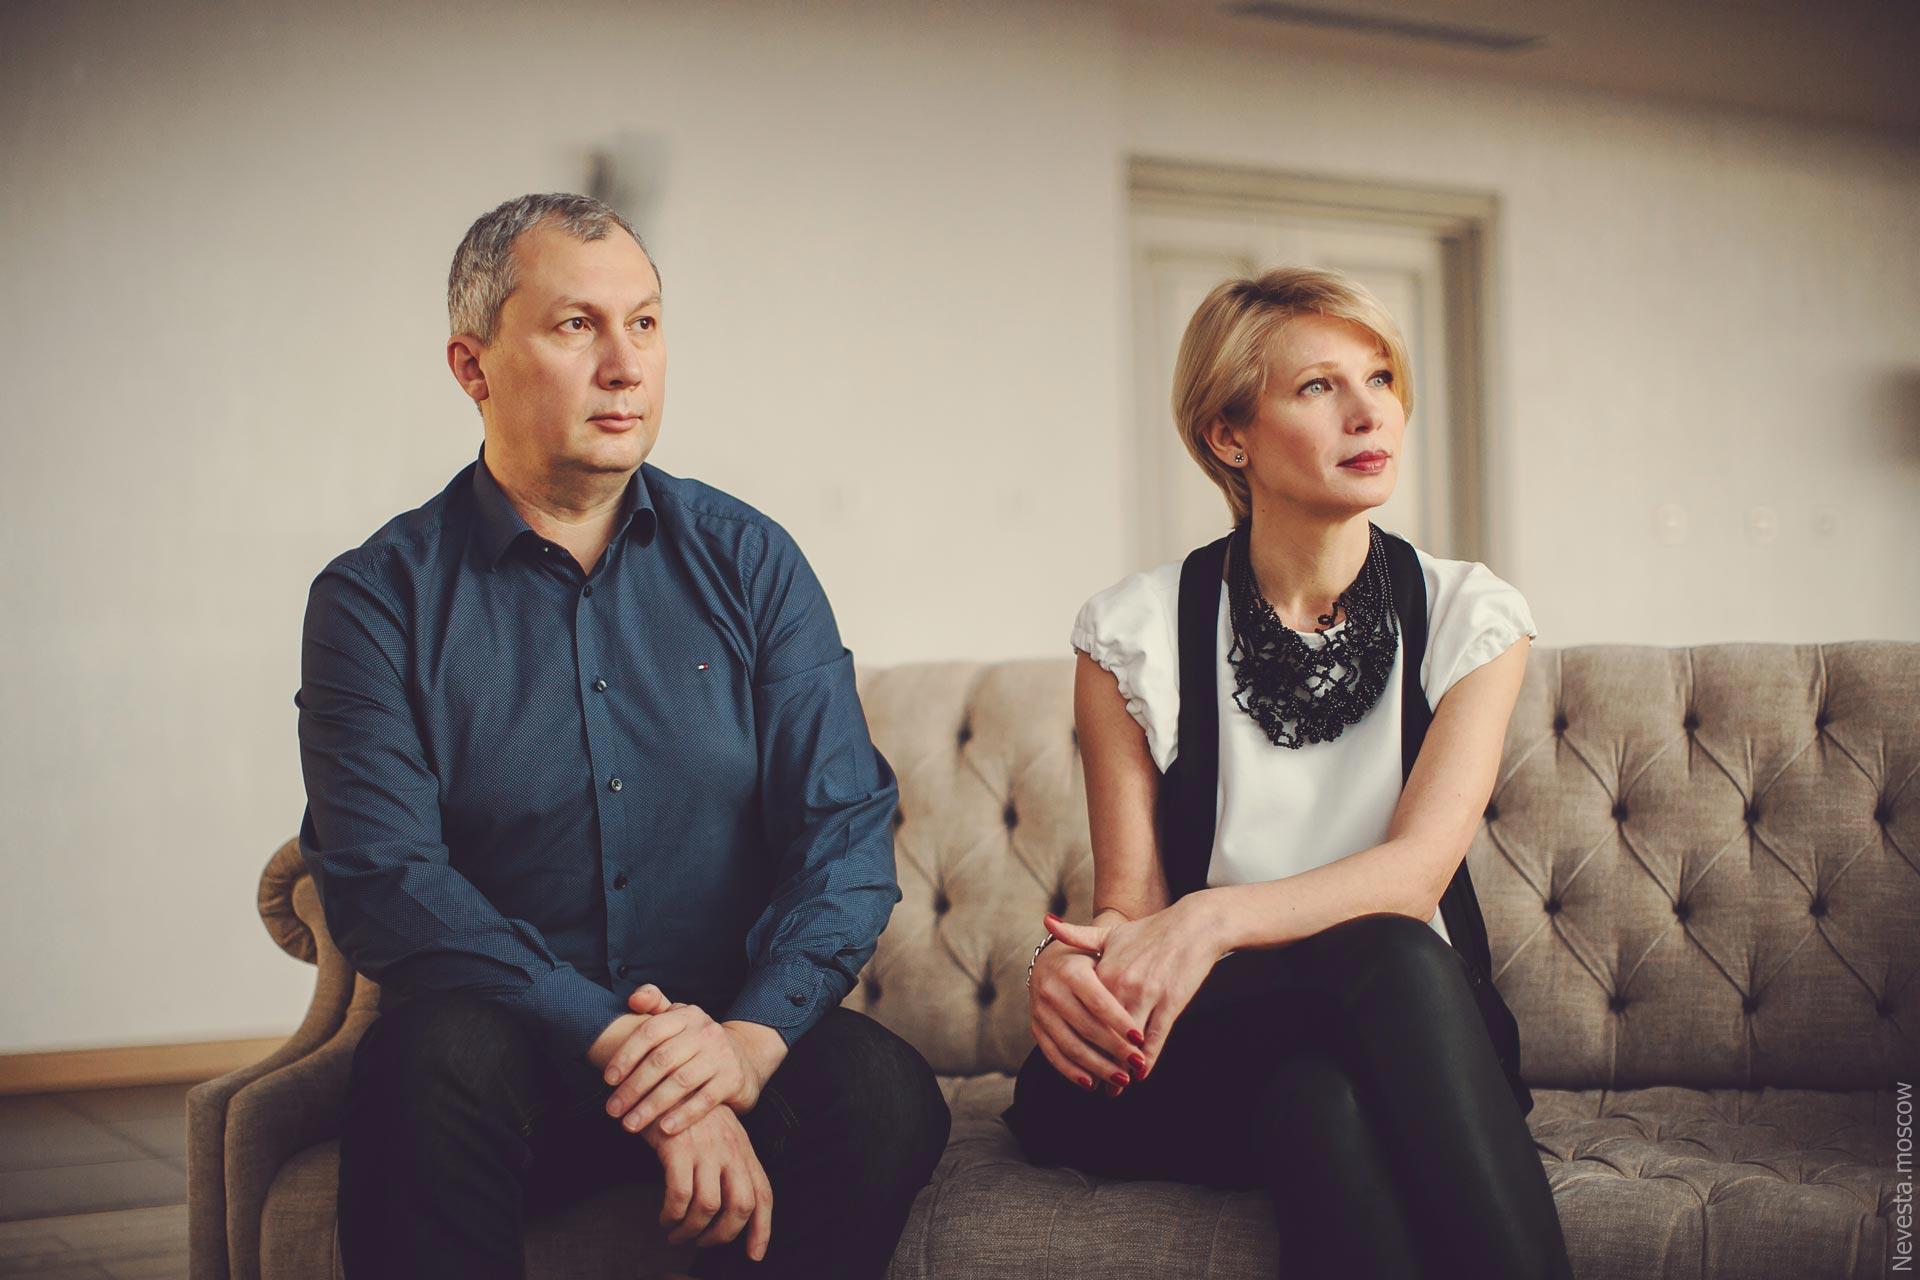 Свадебное агентство Wedding People: интервью фото 2